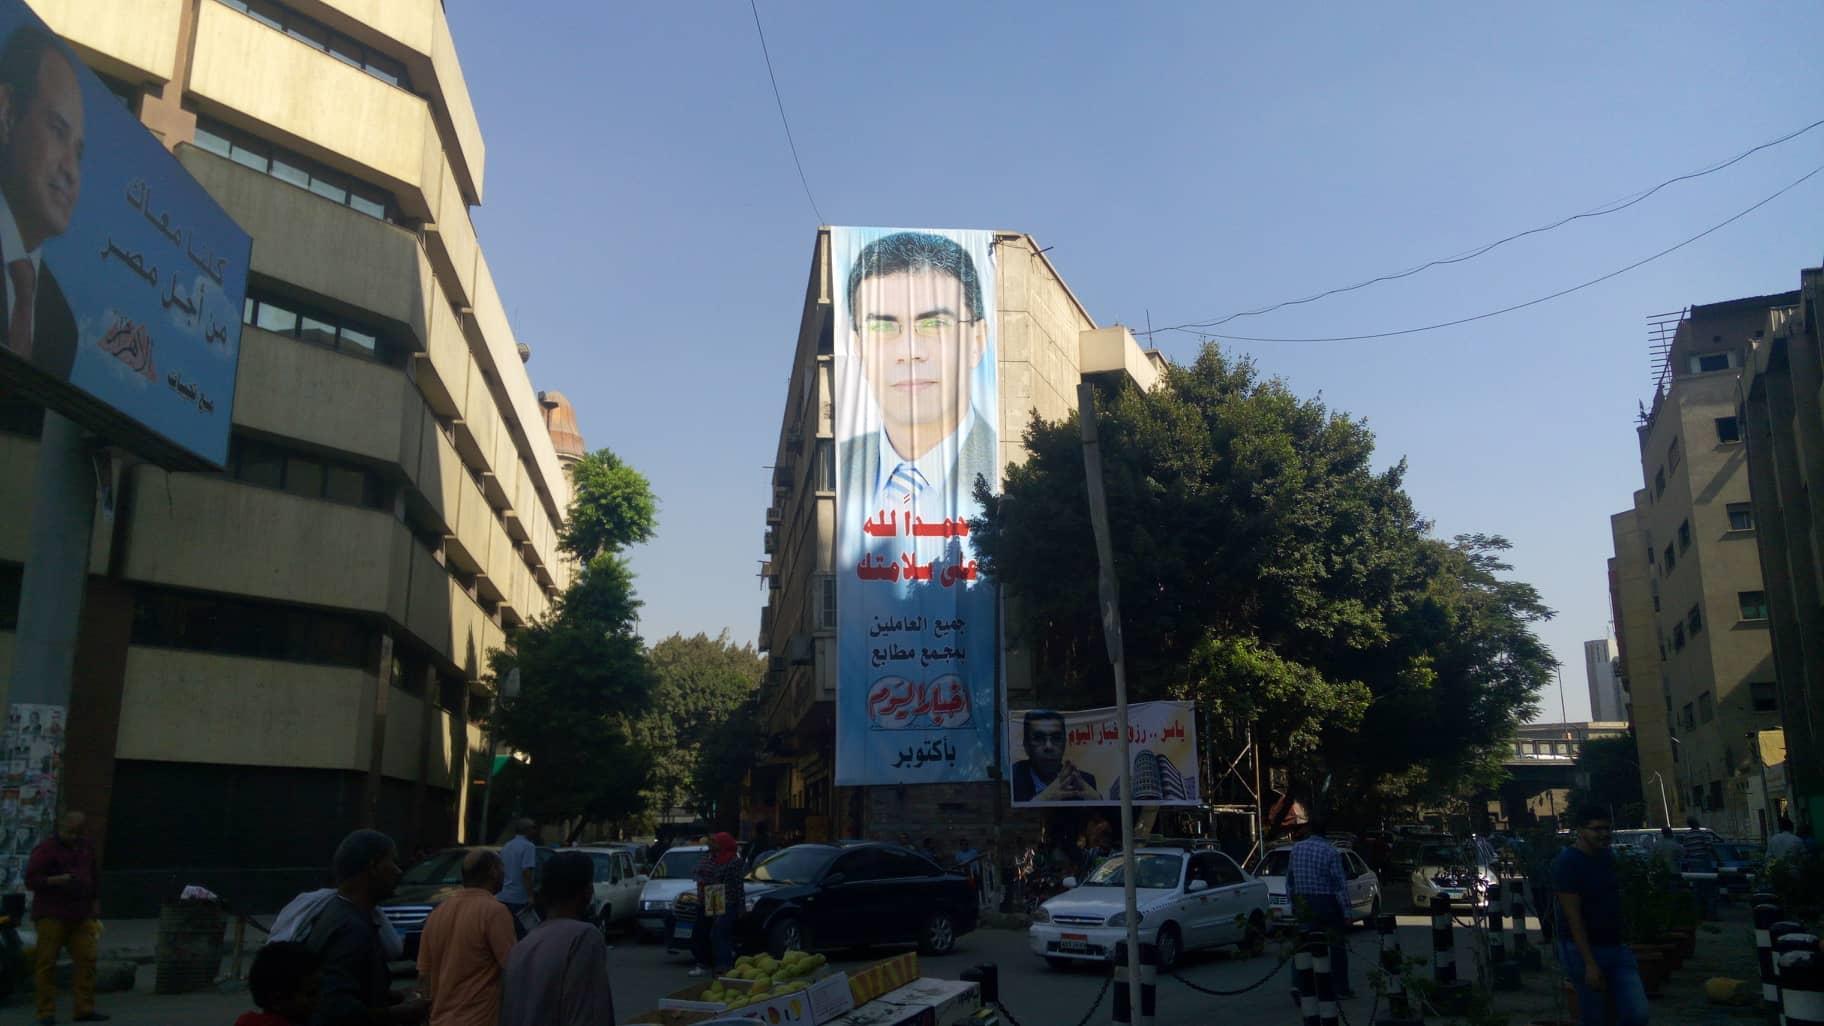 ياسر رزق رئيس مجلس إدارة مؤسسة أخبار اليوم